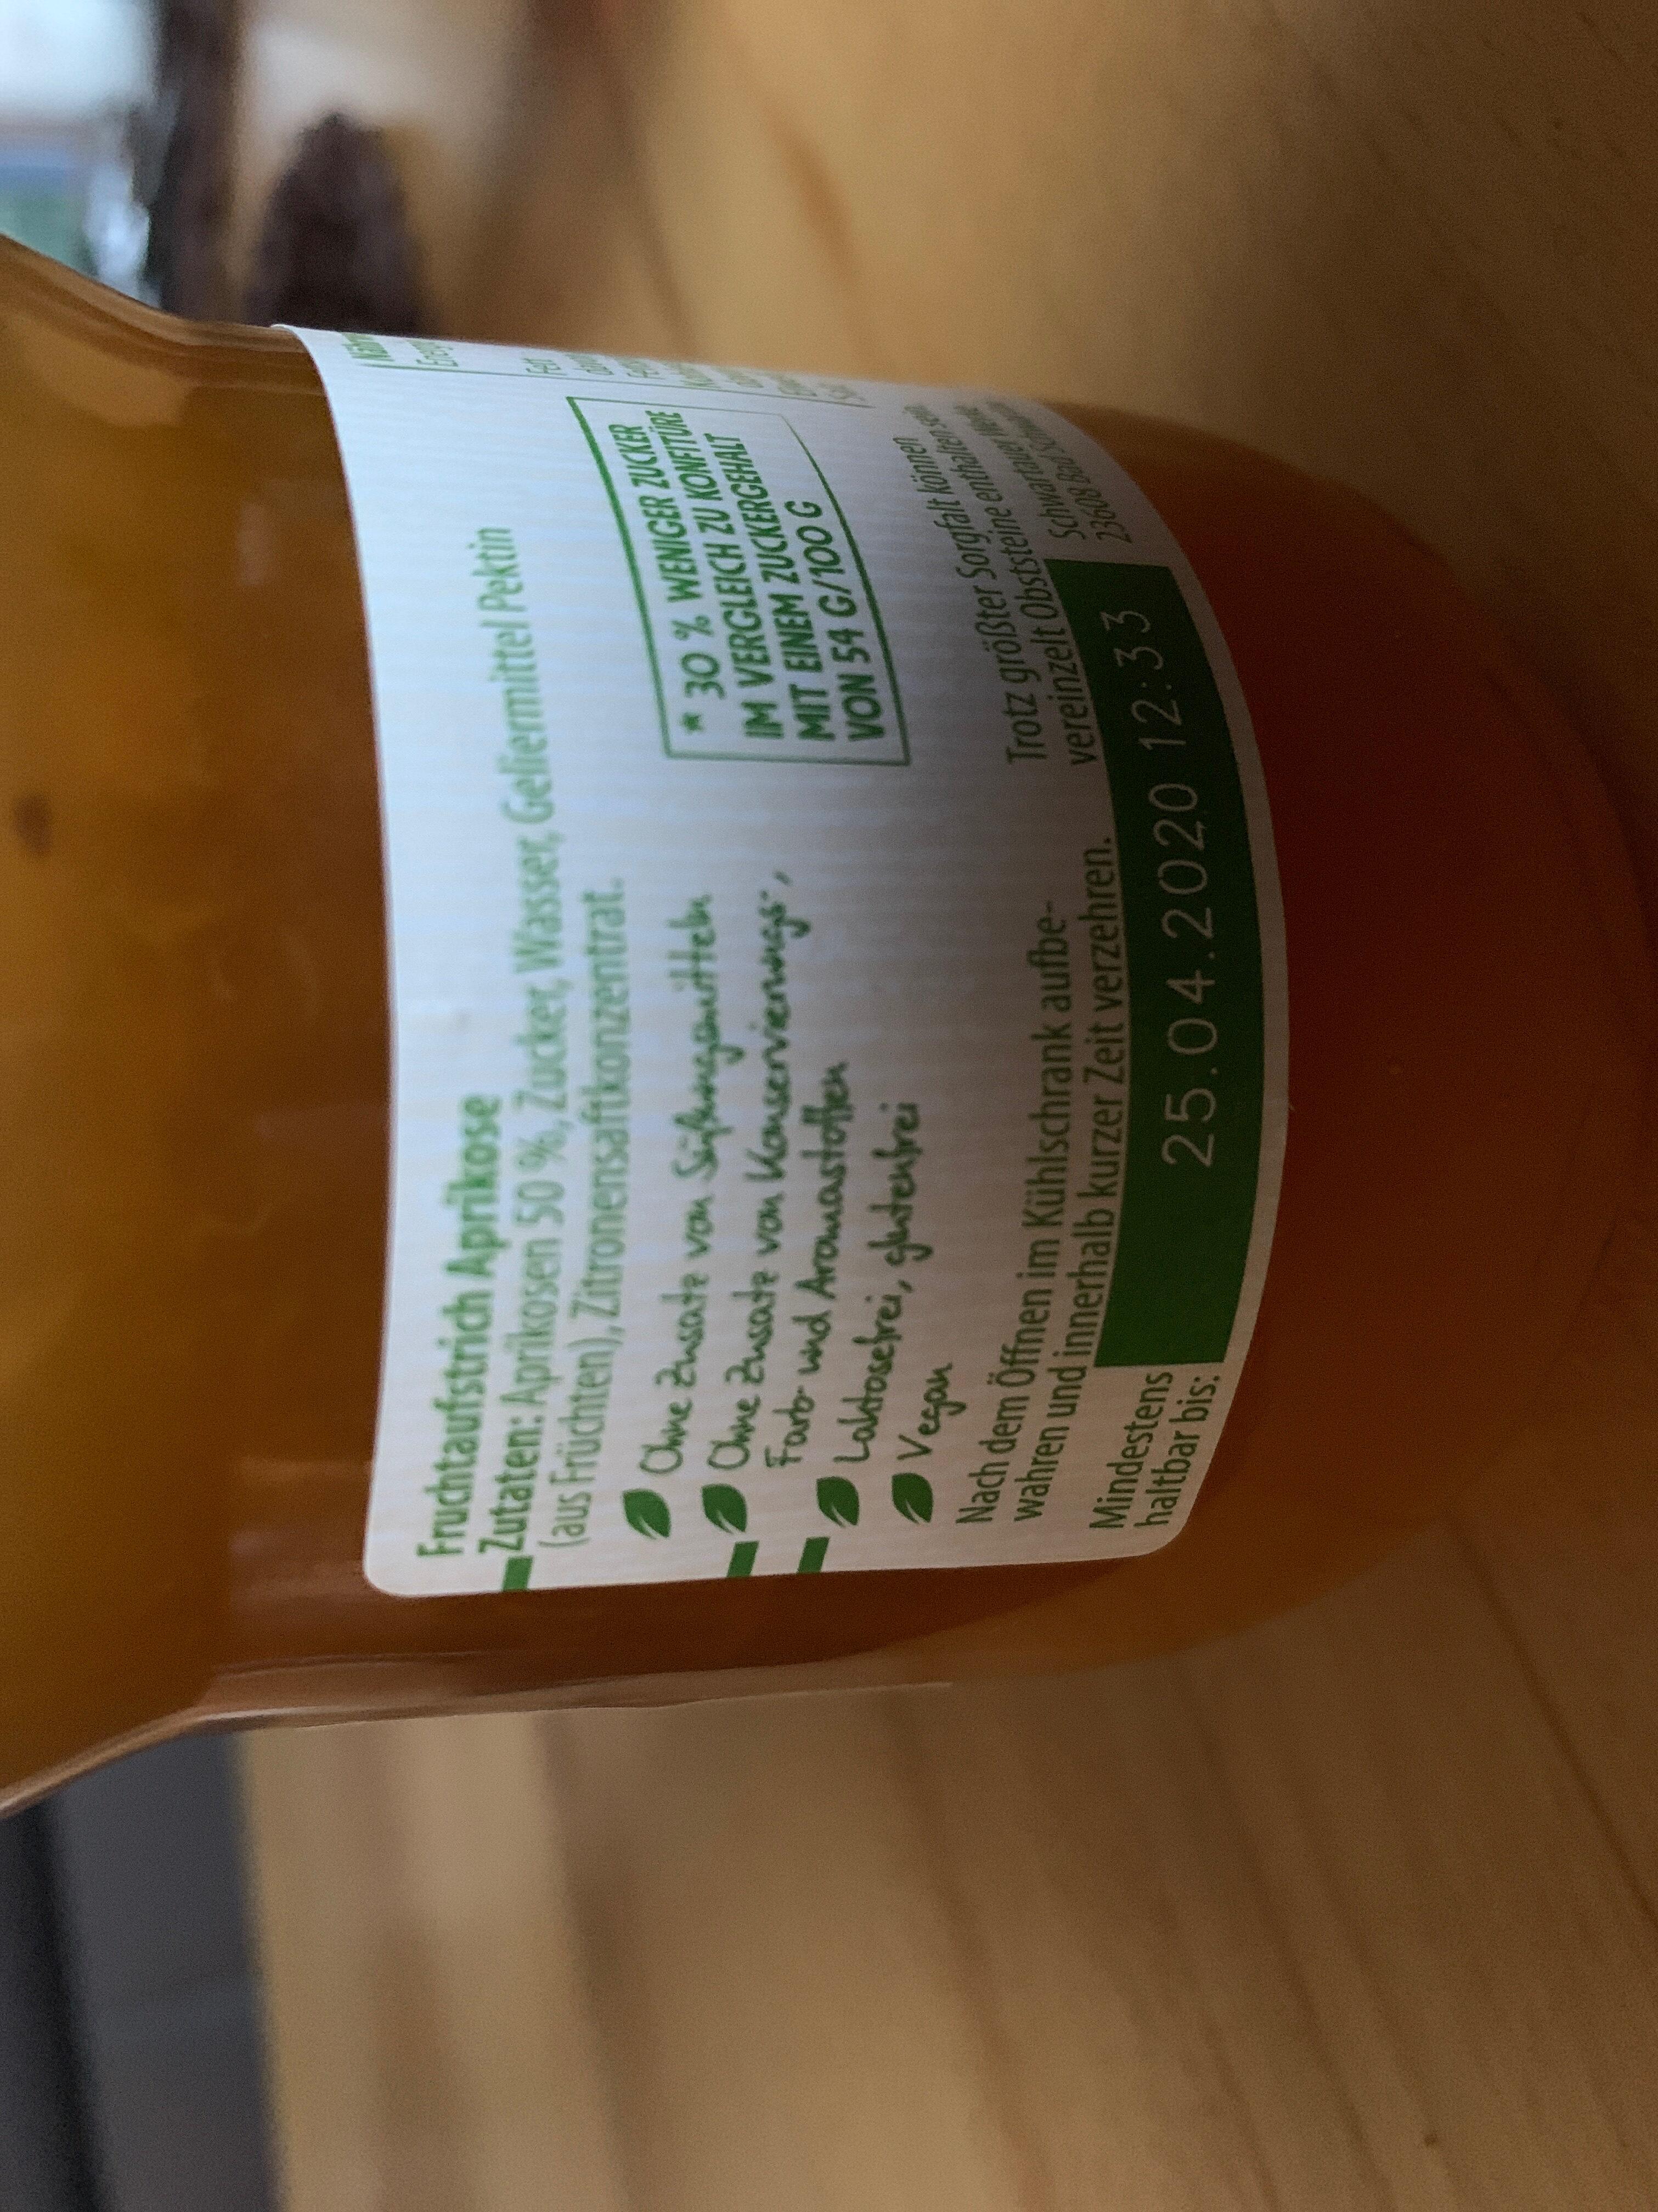 Schwartau Weniger Zucker Aprikose - Ingredients - de